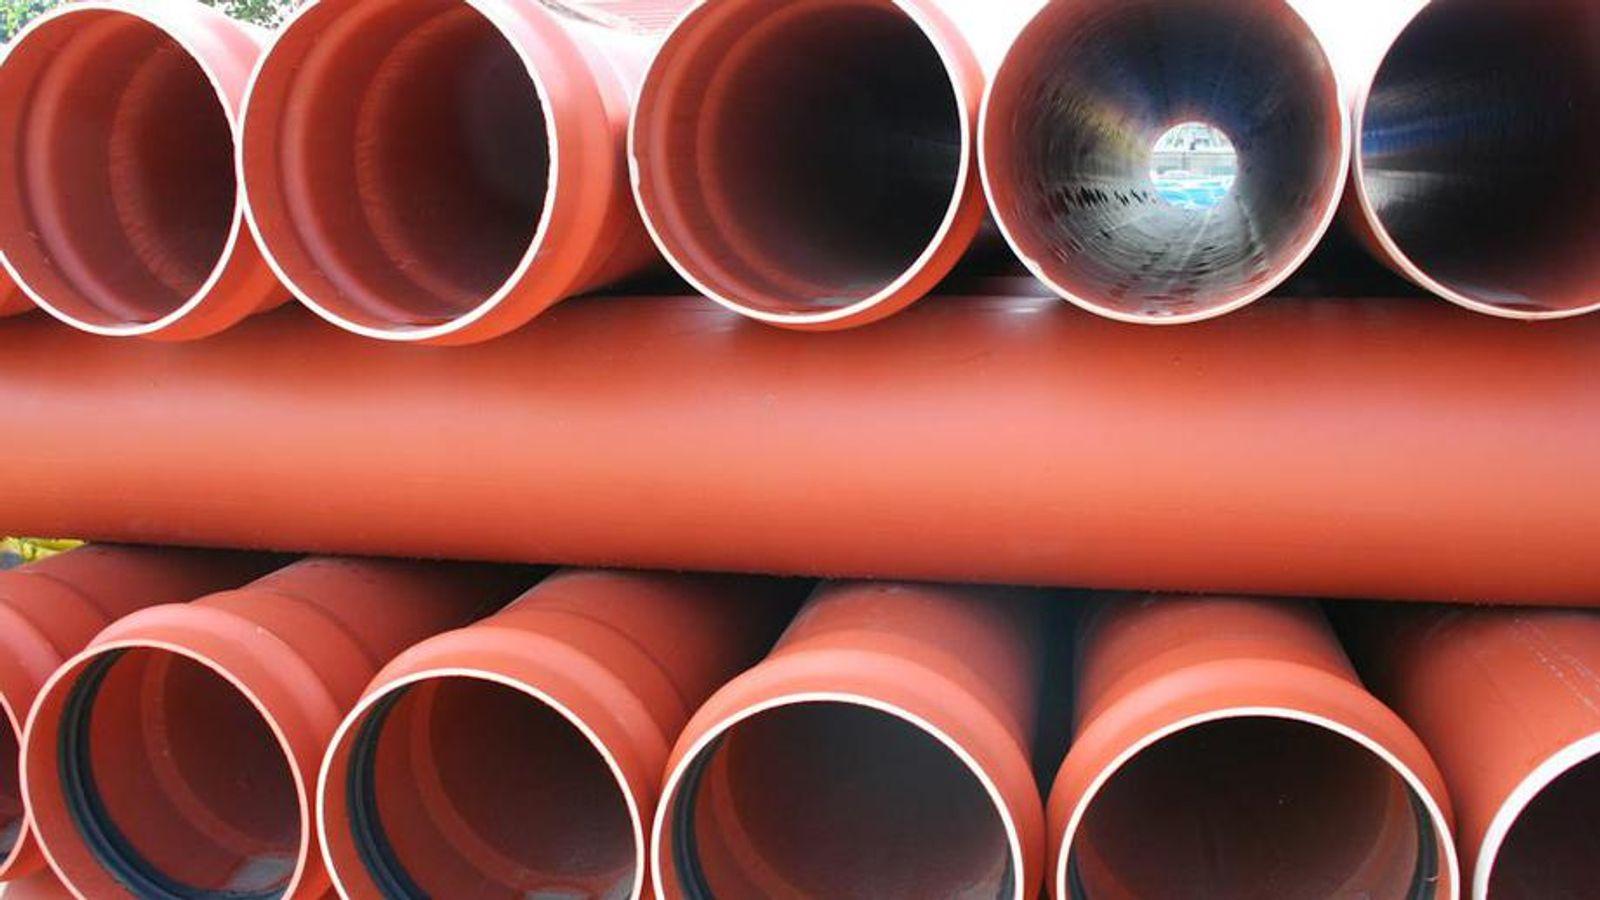 Канализационные трубы: какие бывают материалы и диаметры, как выглядят